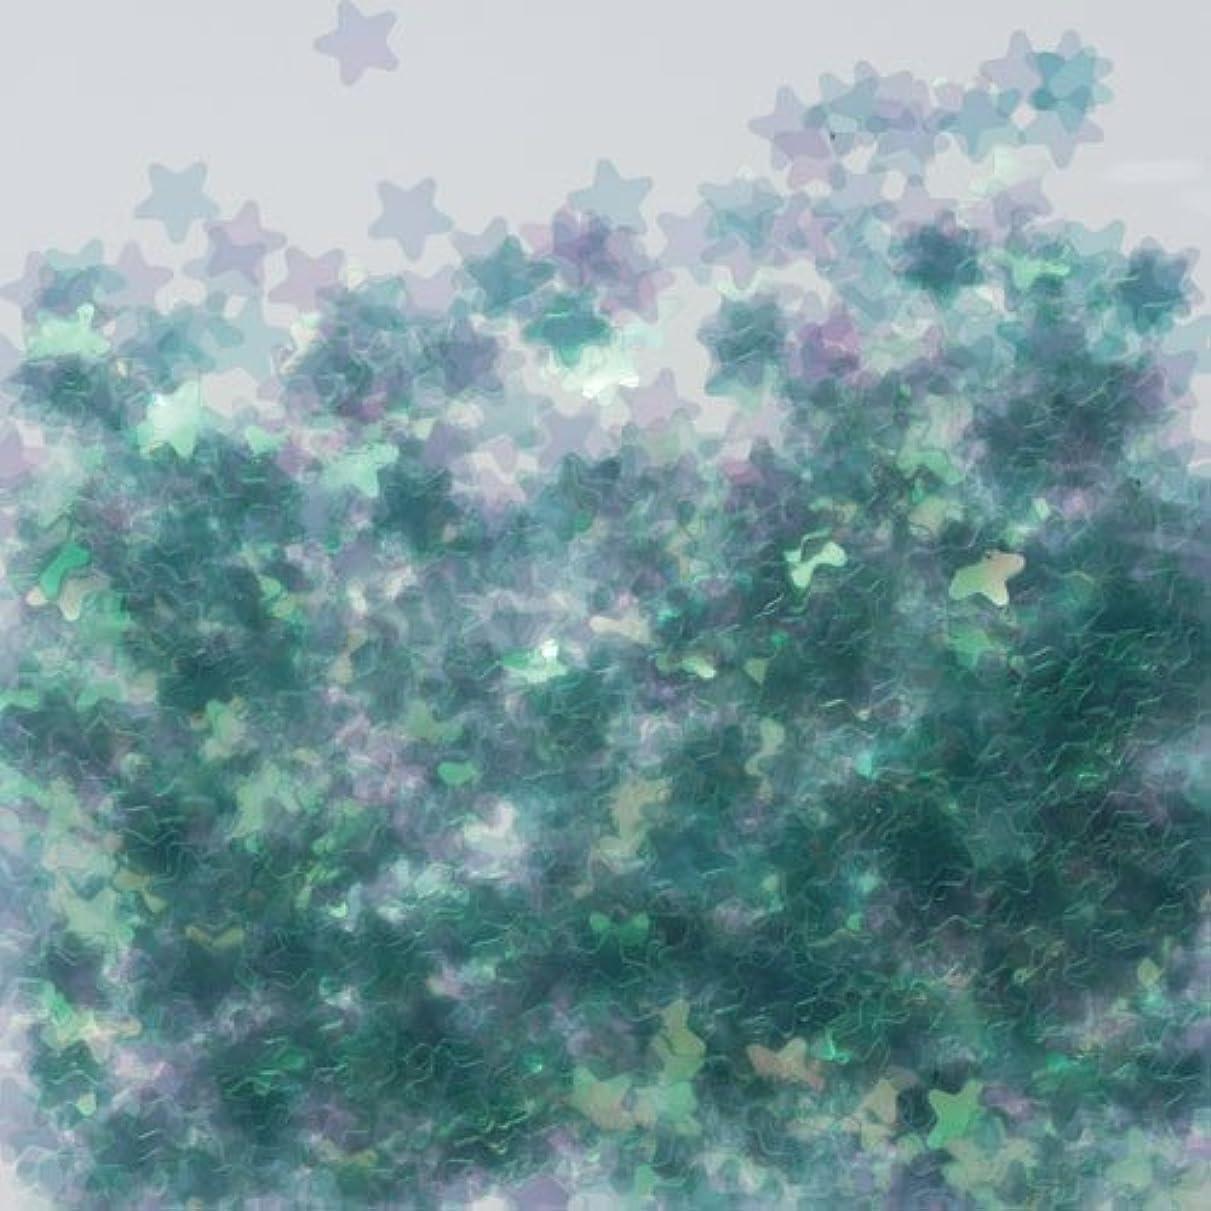 ヒロイック乞食グレートオークピカエース ネイル用パウダー 星オーロラ 耐溶剤 #770 グリーン 0.5g